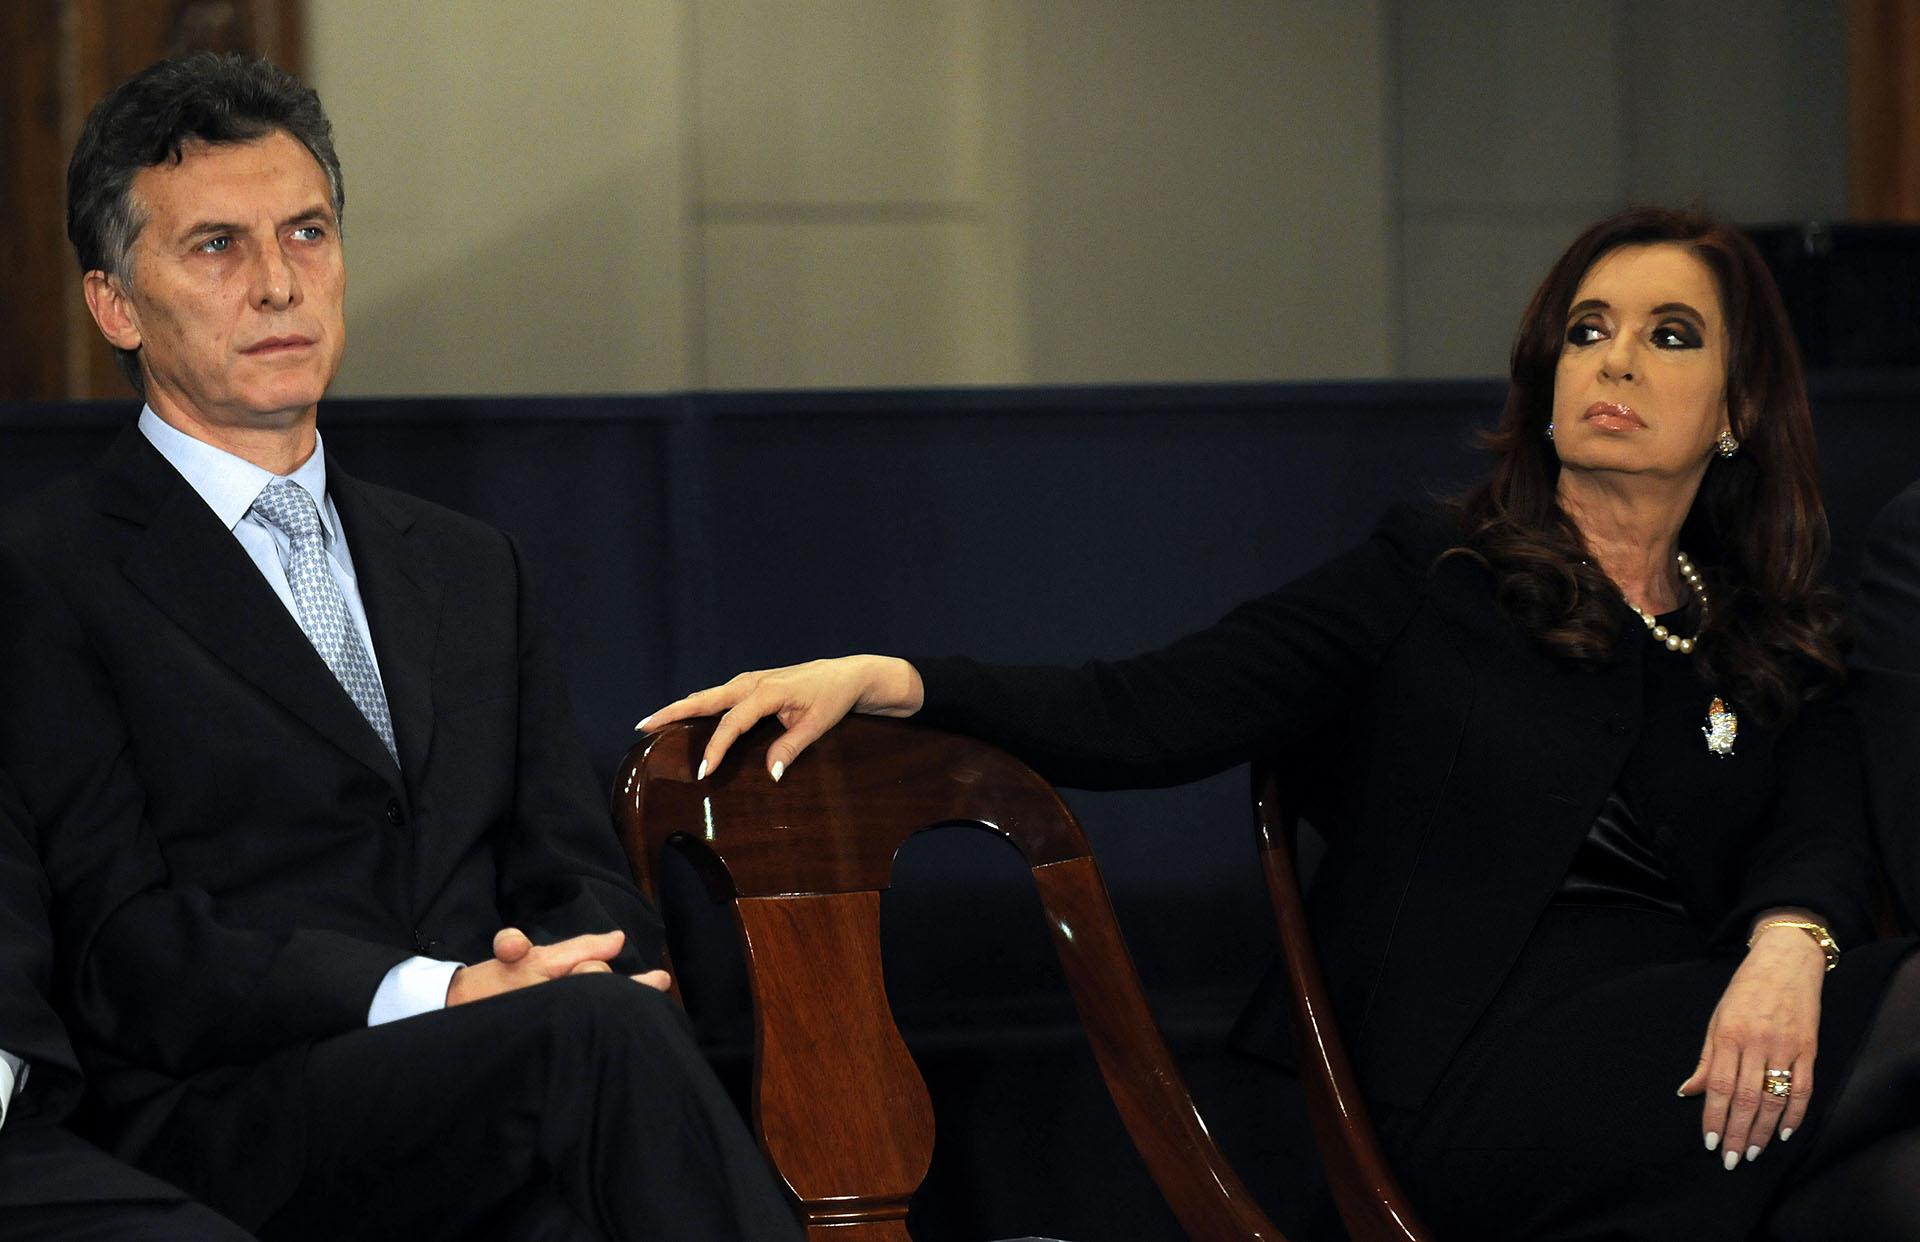 2012. Junto a la presidente Cristina Kirchner en la Bolsa de Comercio, en el marco del 158° aniversario de la entidad bursátil porteña